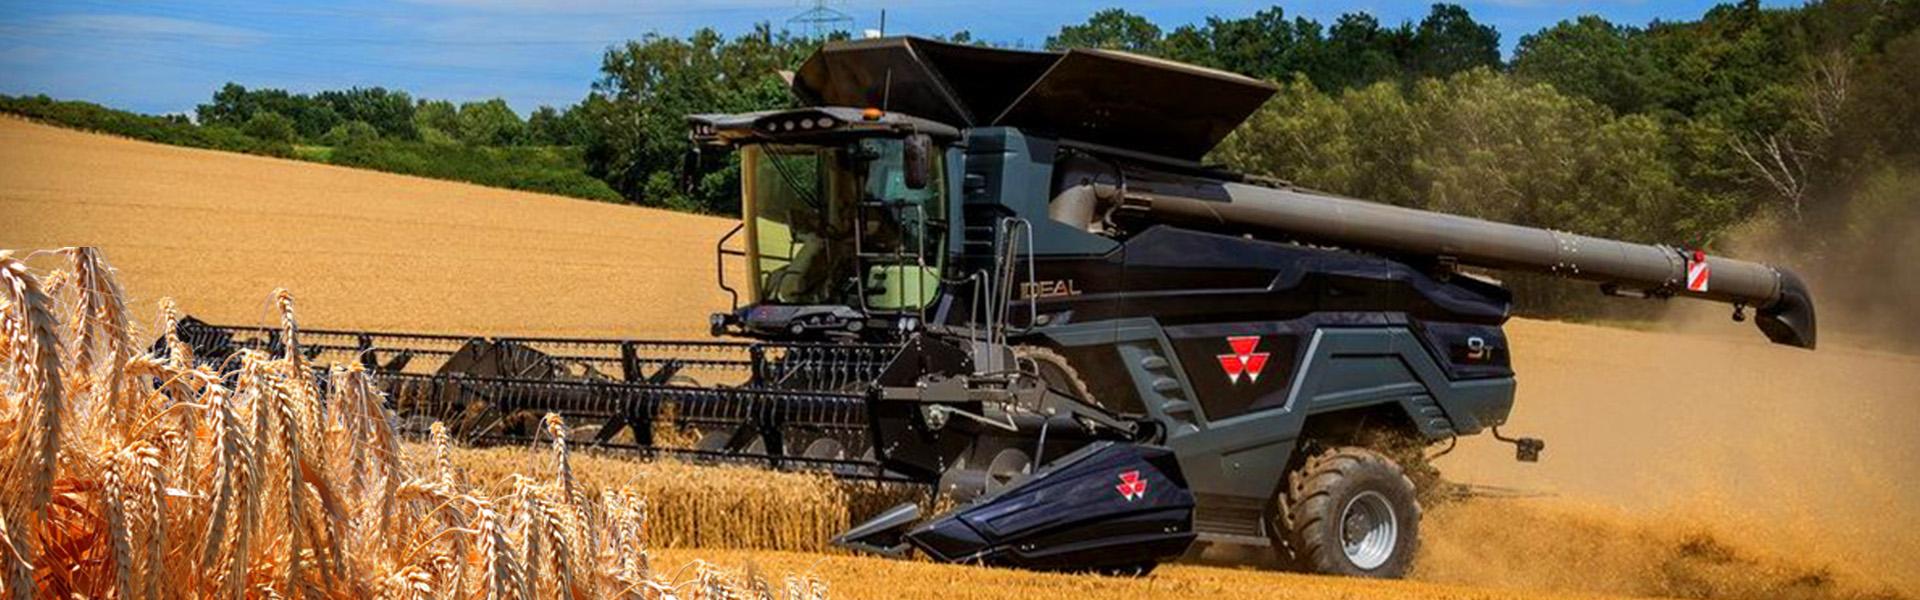 Borsodparts - traktor és földmukagép alkatrész és gépkereskedés